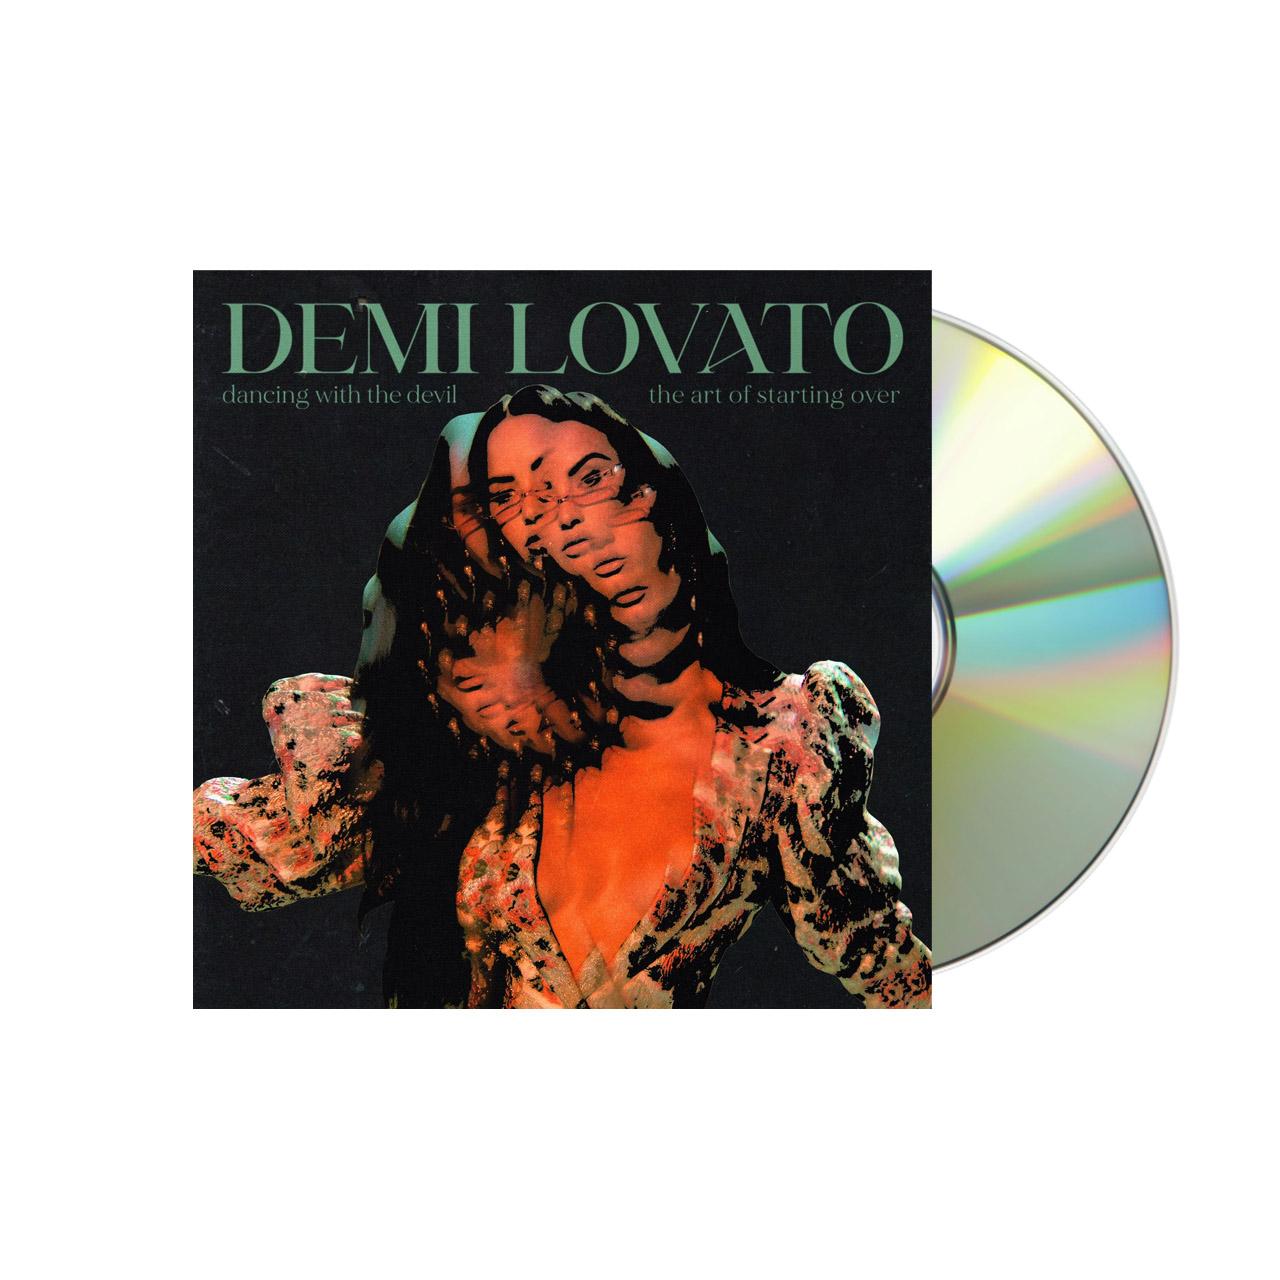 DEMI LOVATO The Art of Starting Over Black CD